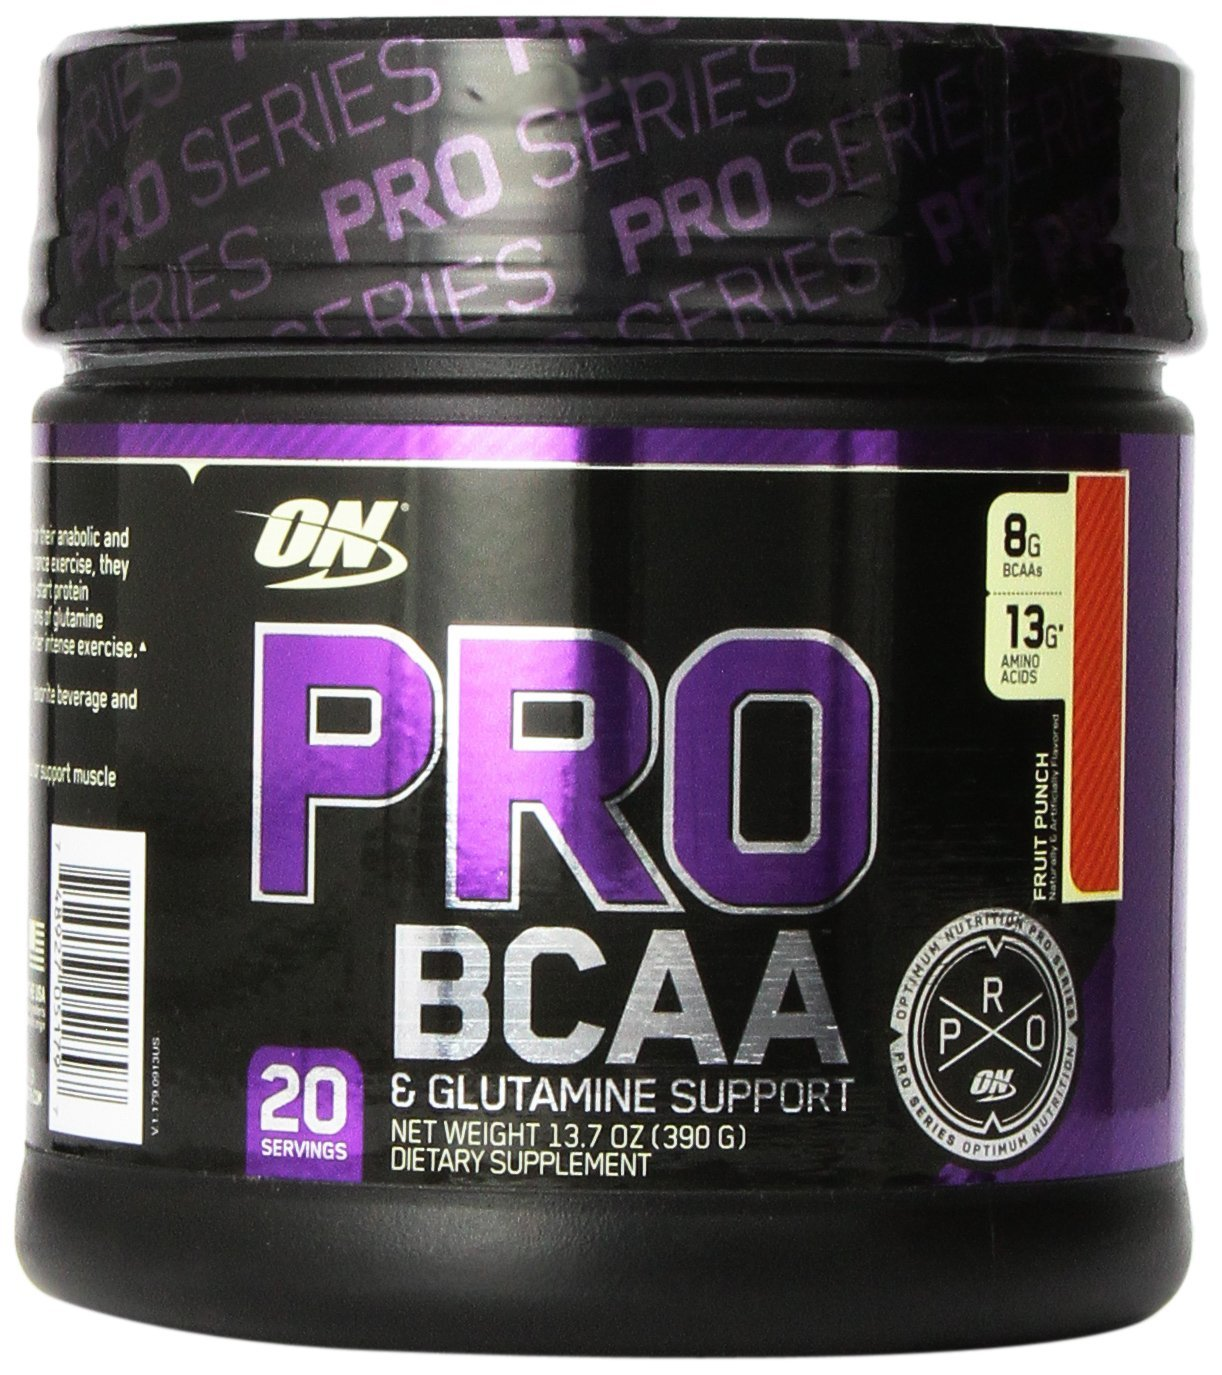 Pro BCAA, Raspberry Lemonade - 390g versandkostenfrei/portofrei bestellen/kaufen